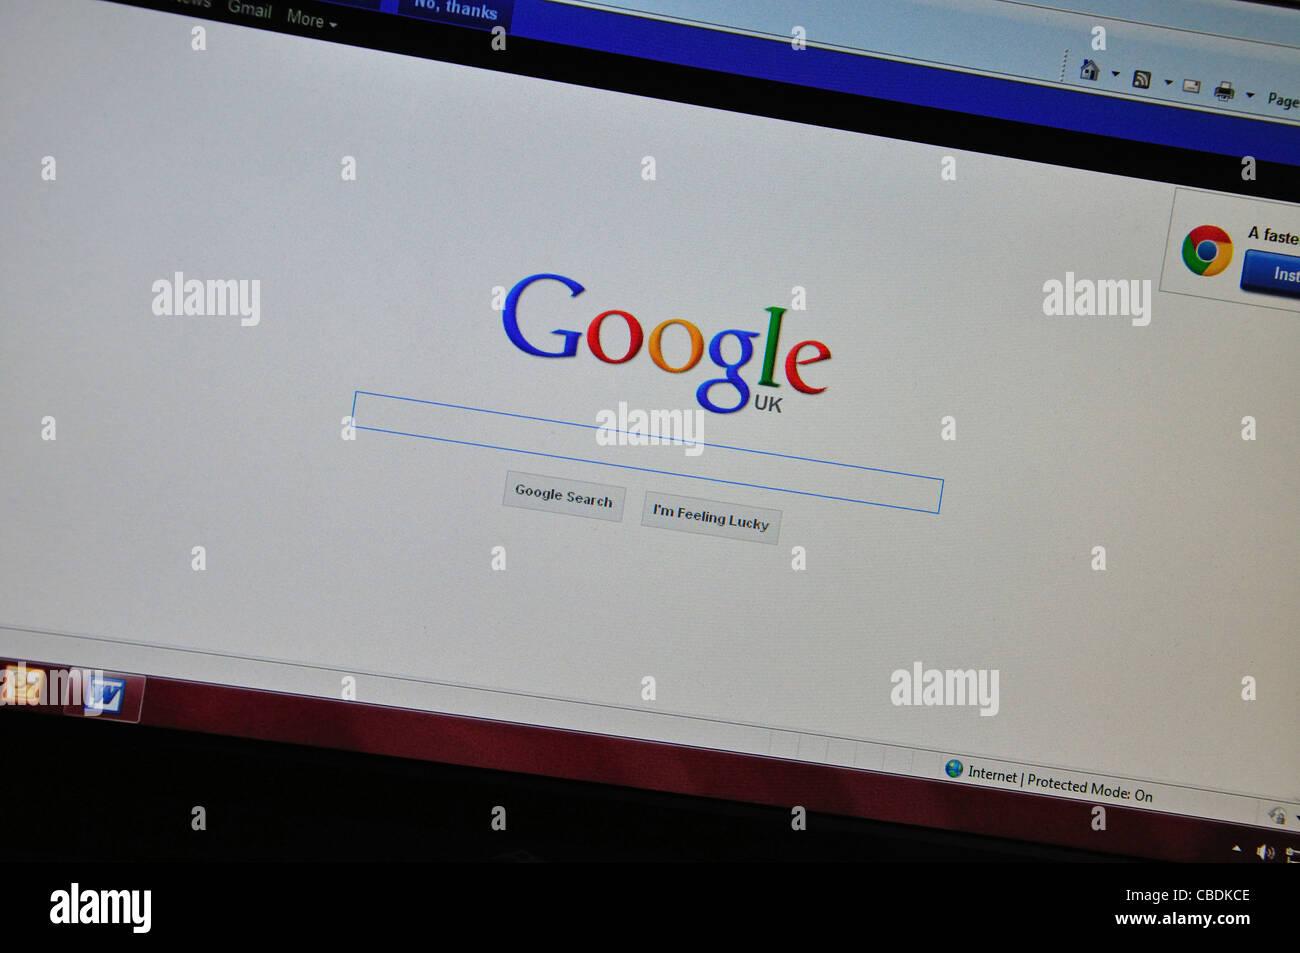 Página de búsqueda de Google en la pantalla de ordenador, Greater London, England, Reino Unido Imagen De Stock